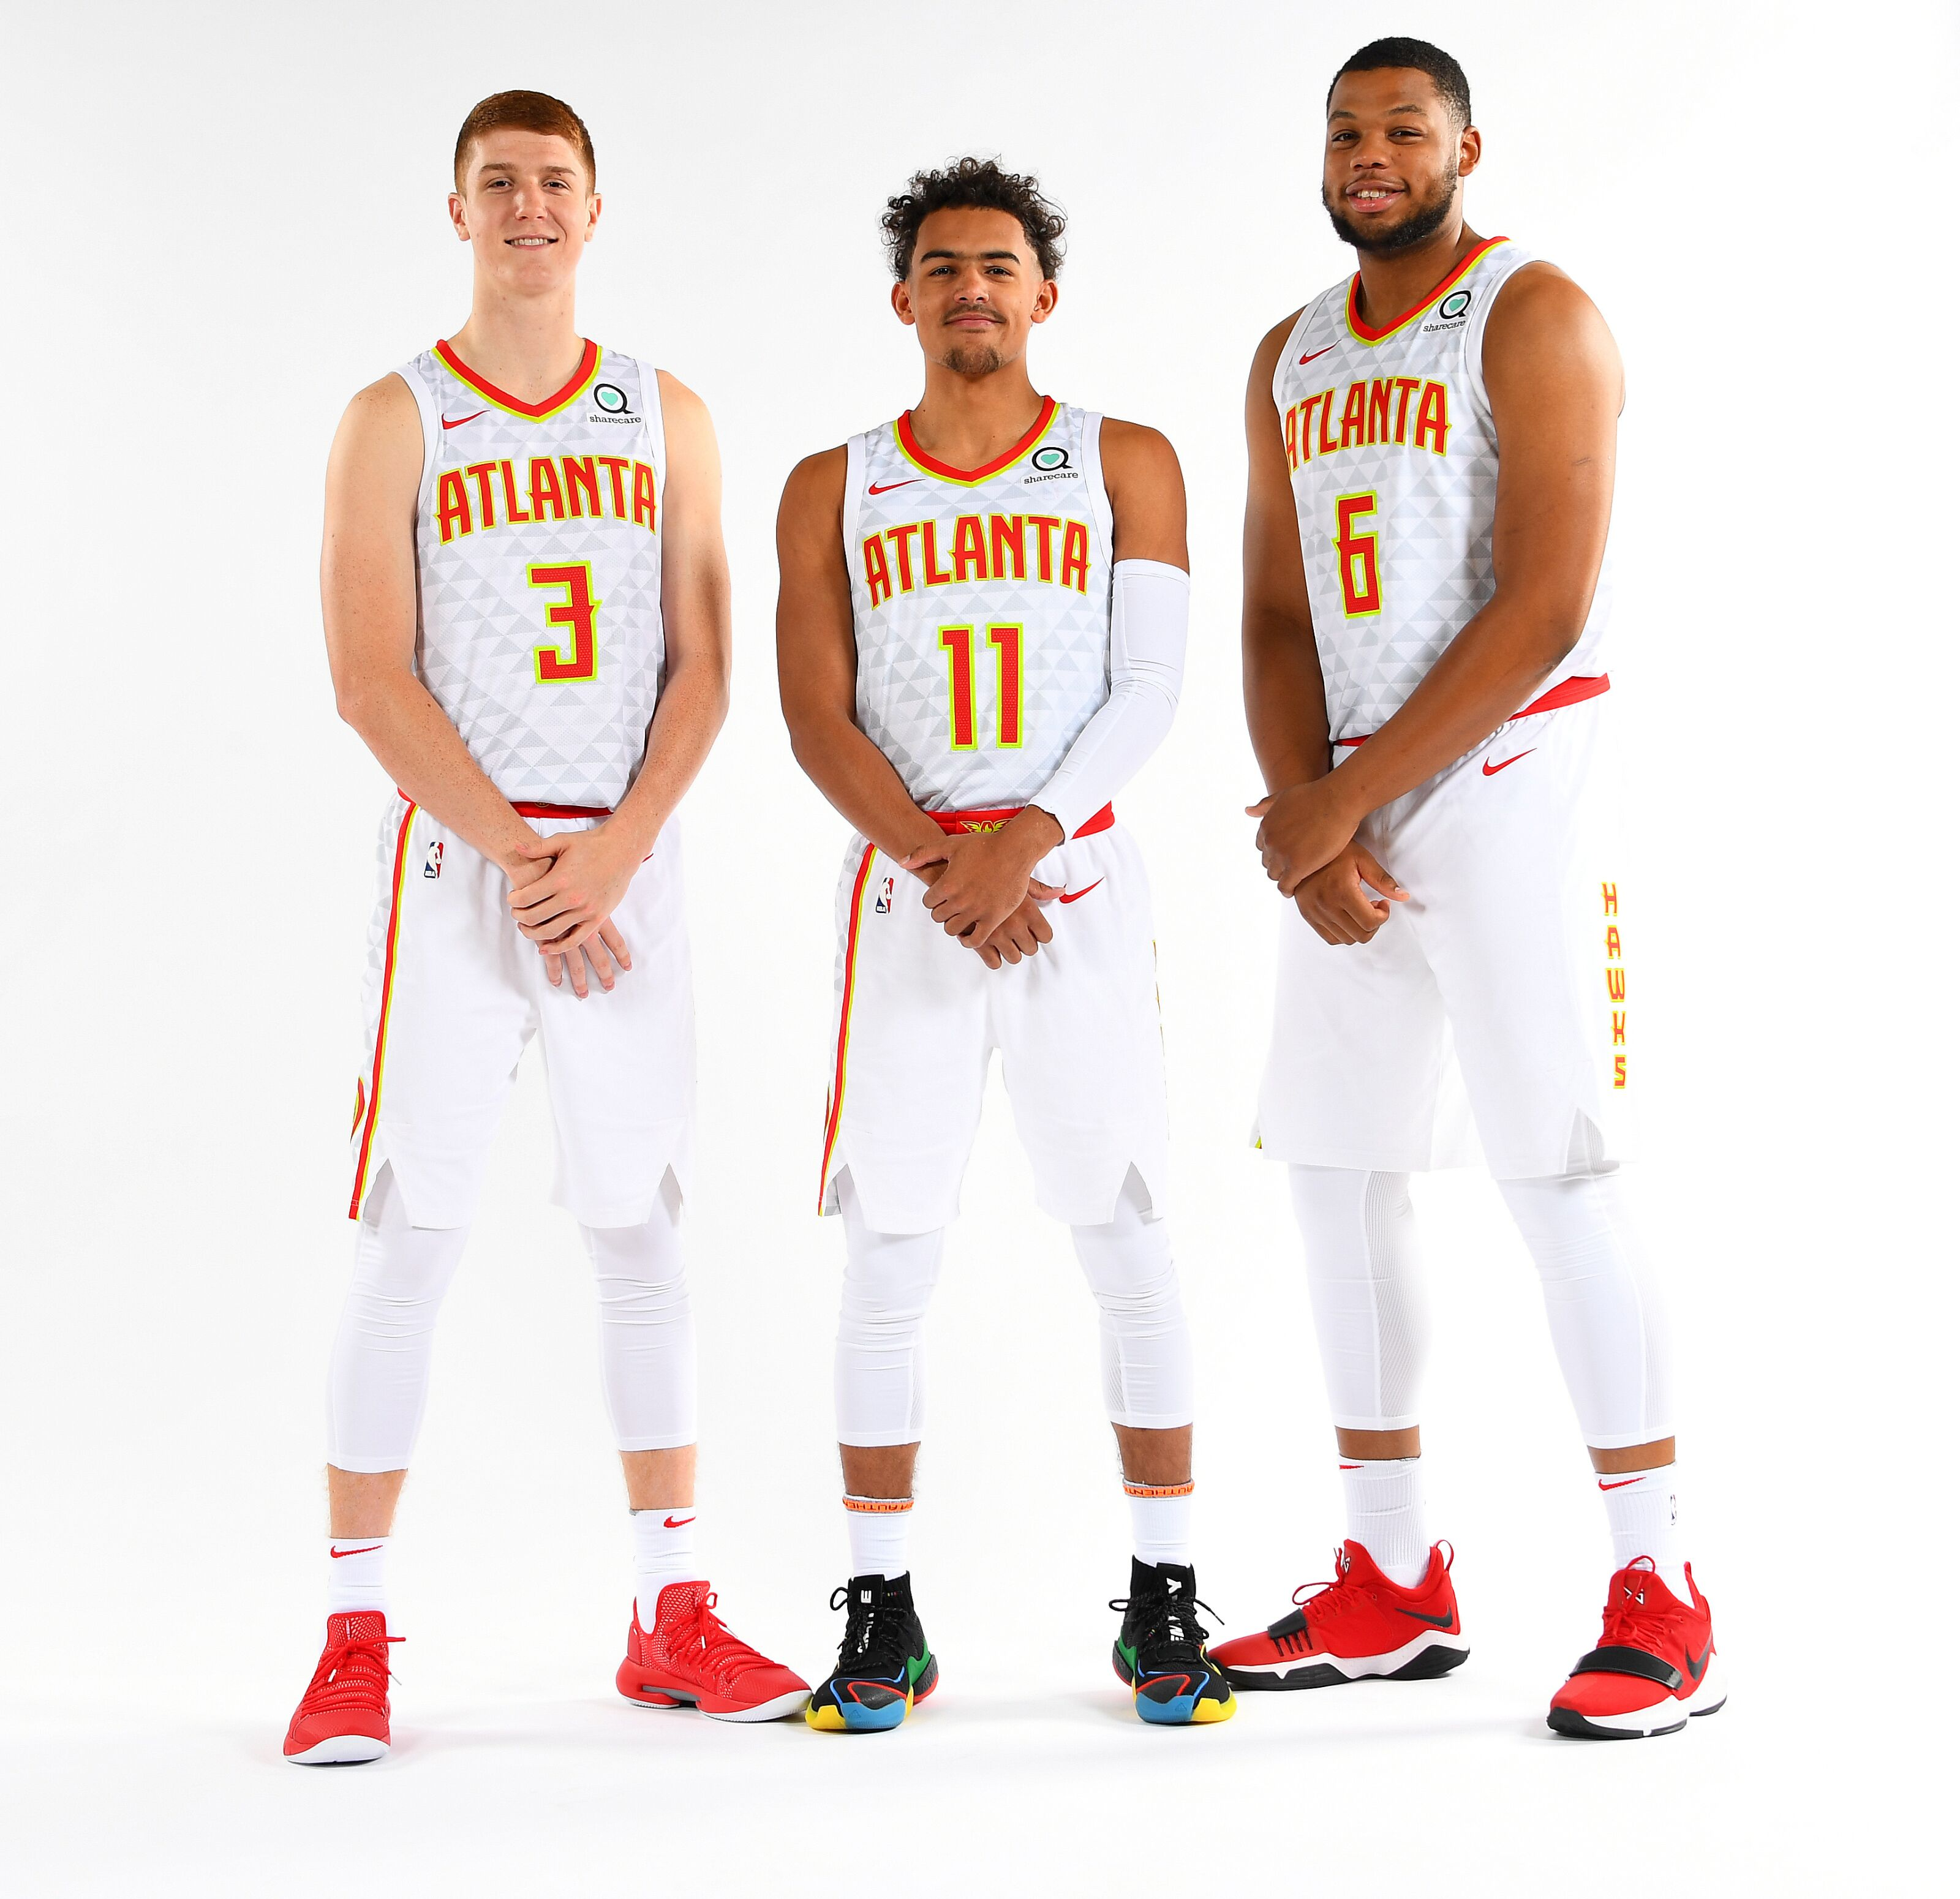 Atlanta Hawks: Trae Young, Kevin Huerter & Omari Spellman